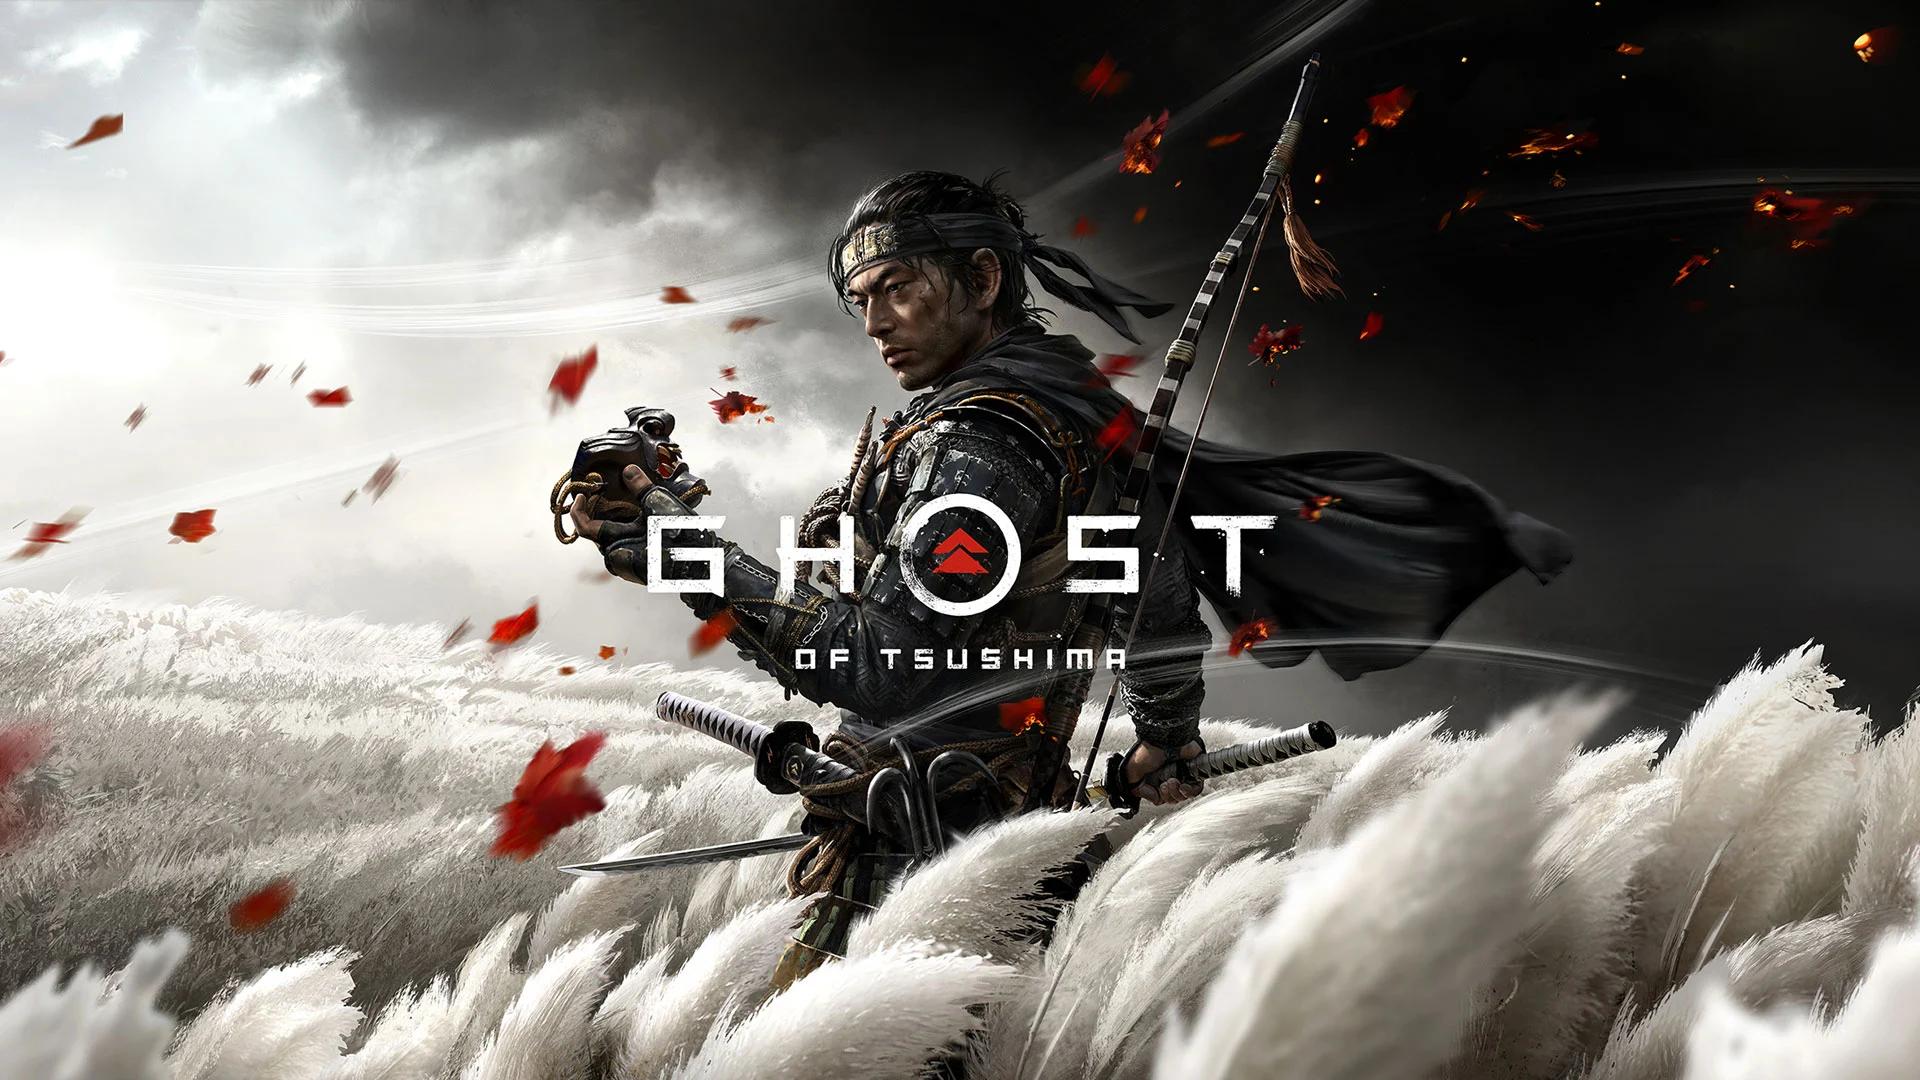 今年夏季最值得體驗的開放世界遊戲。(圖源:Ghost of Tsushima)